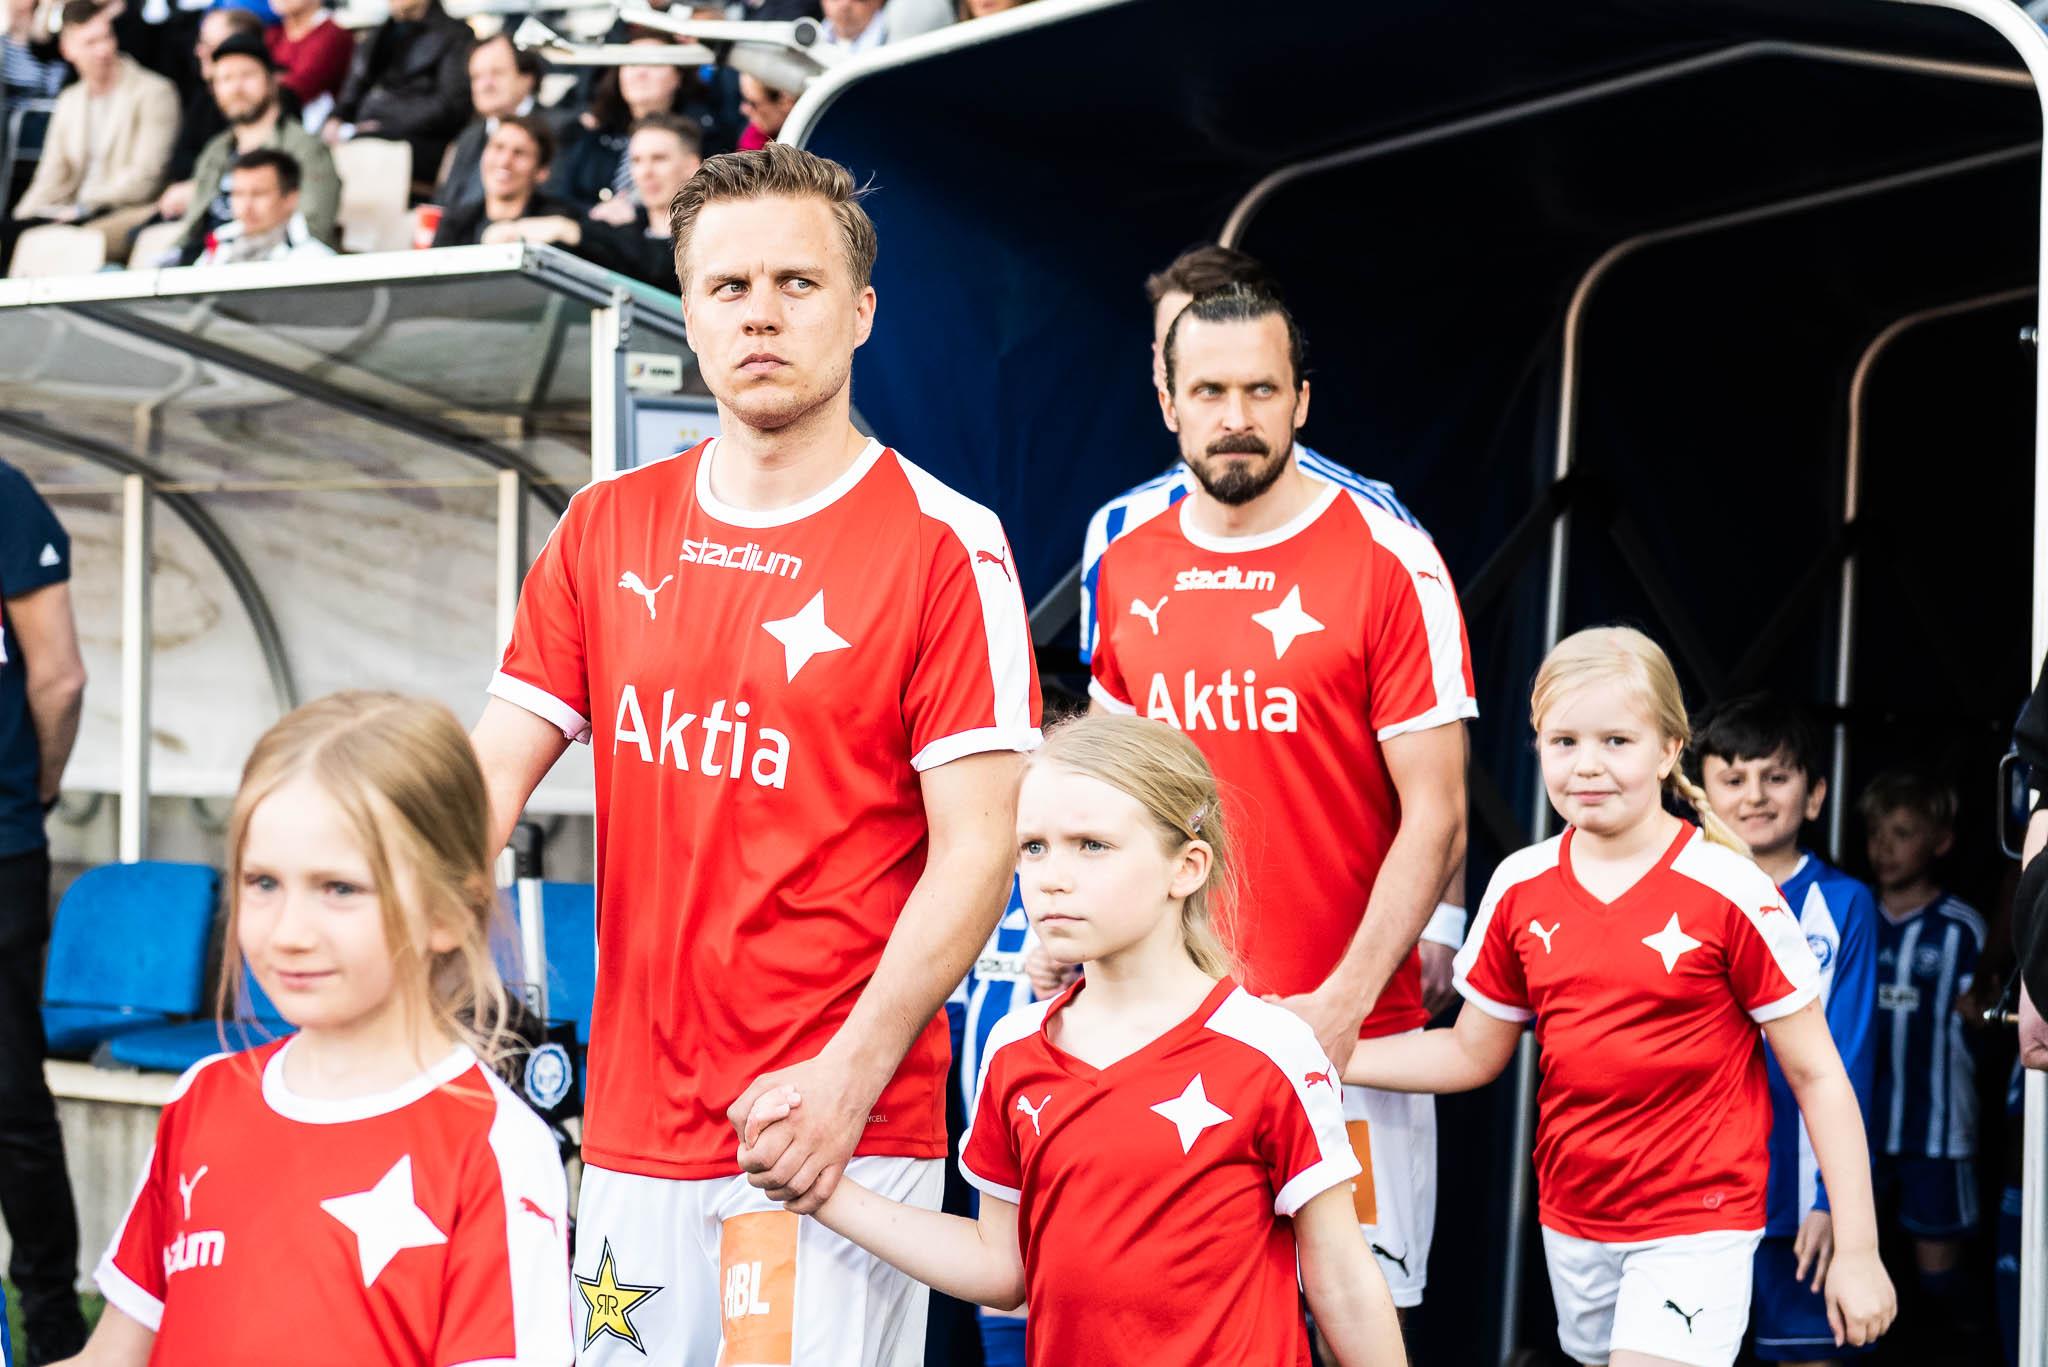 HIFK:n vuosina 2014 ja 2015 syntyneiden joukkueet hakevat uusia pelaajia